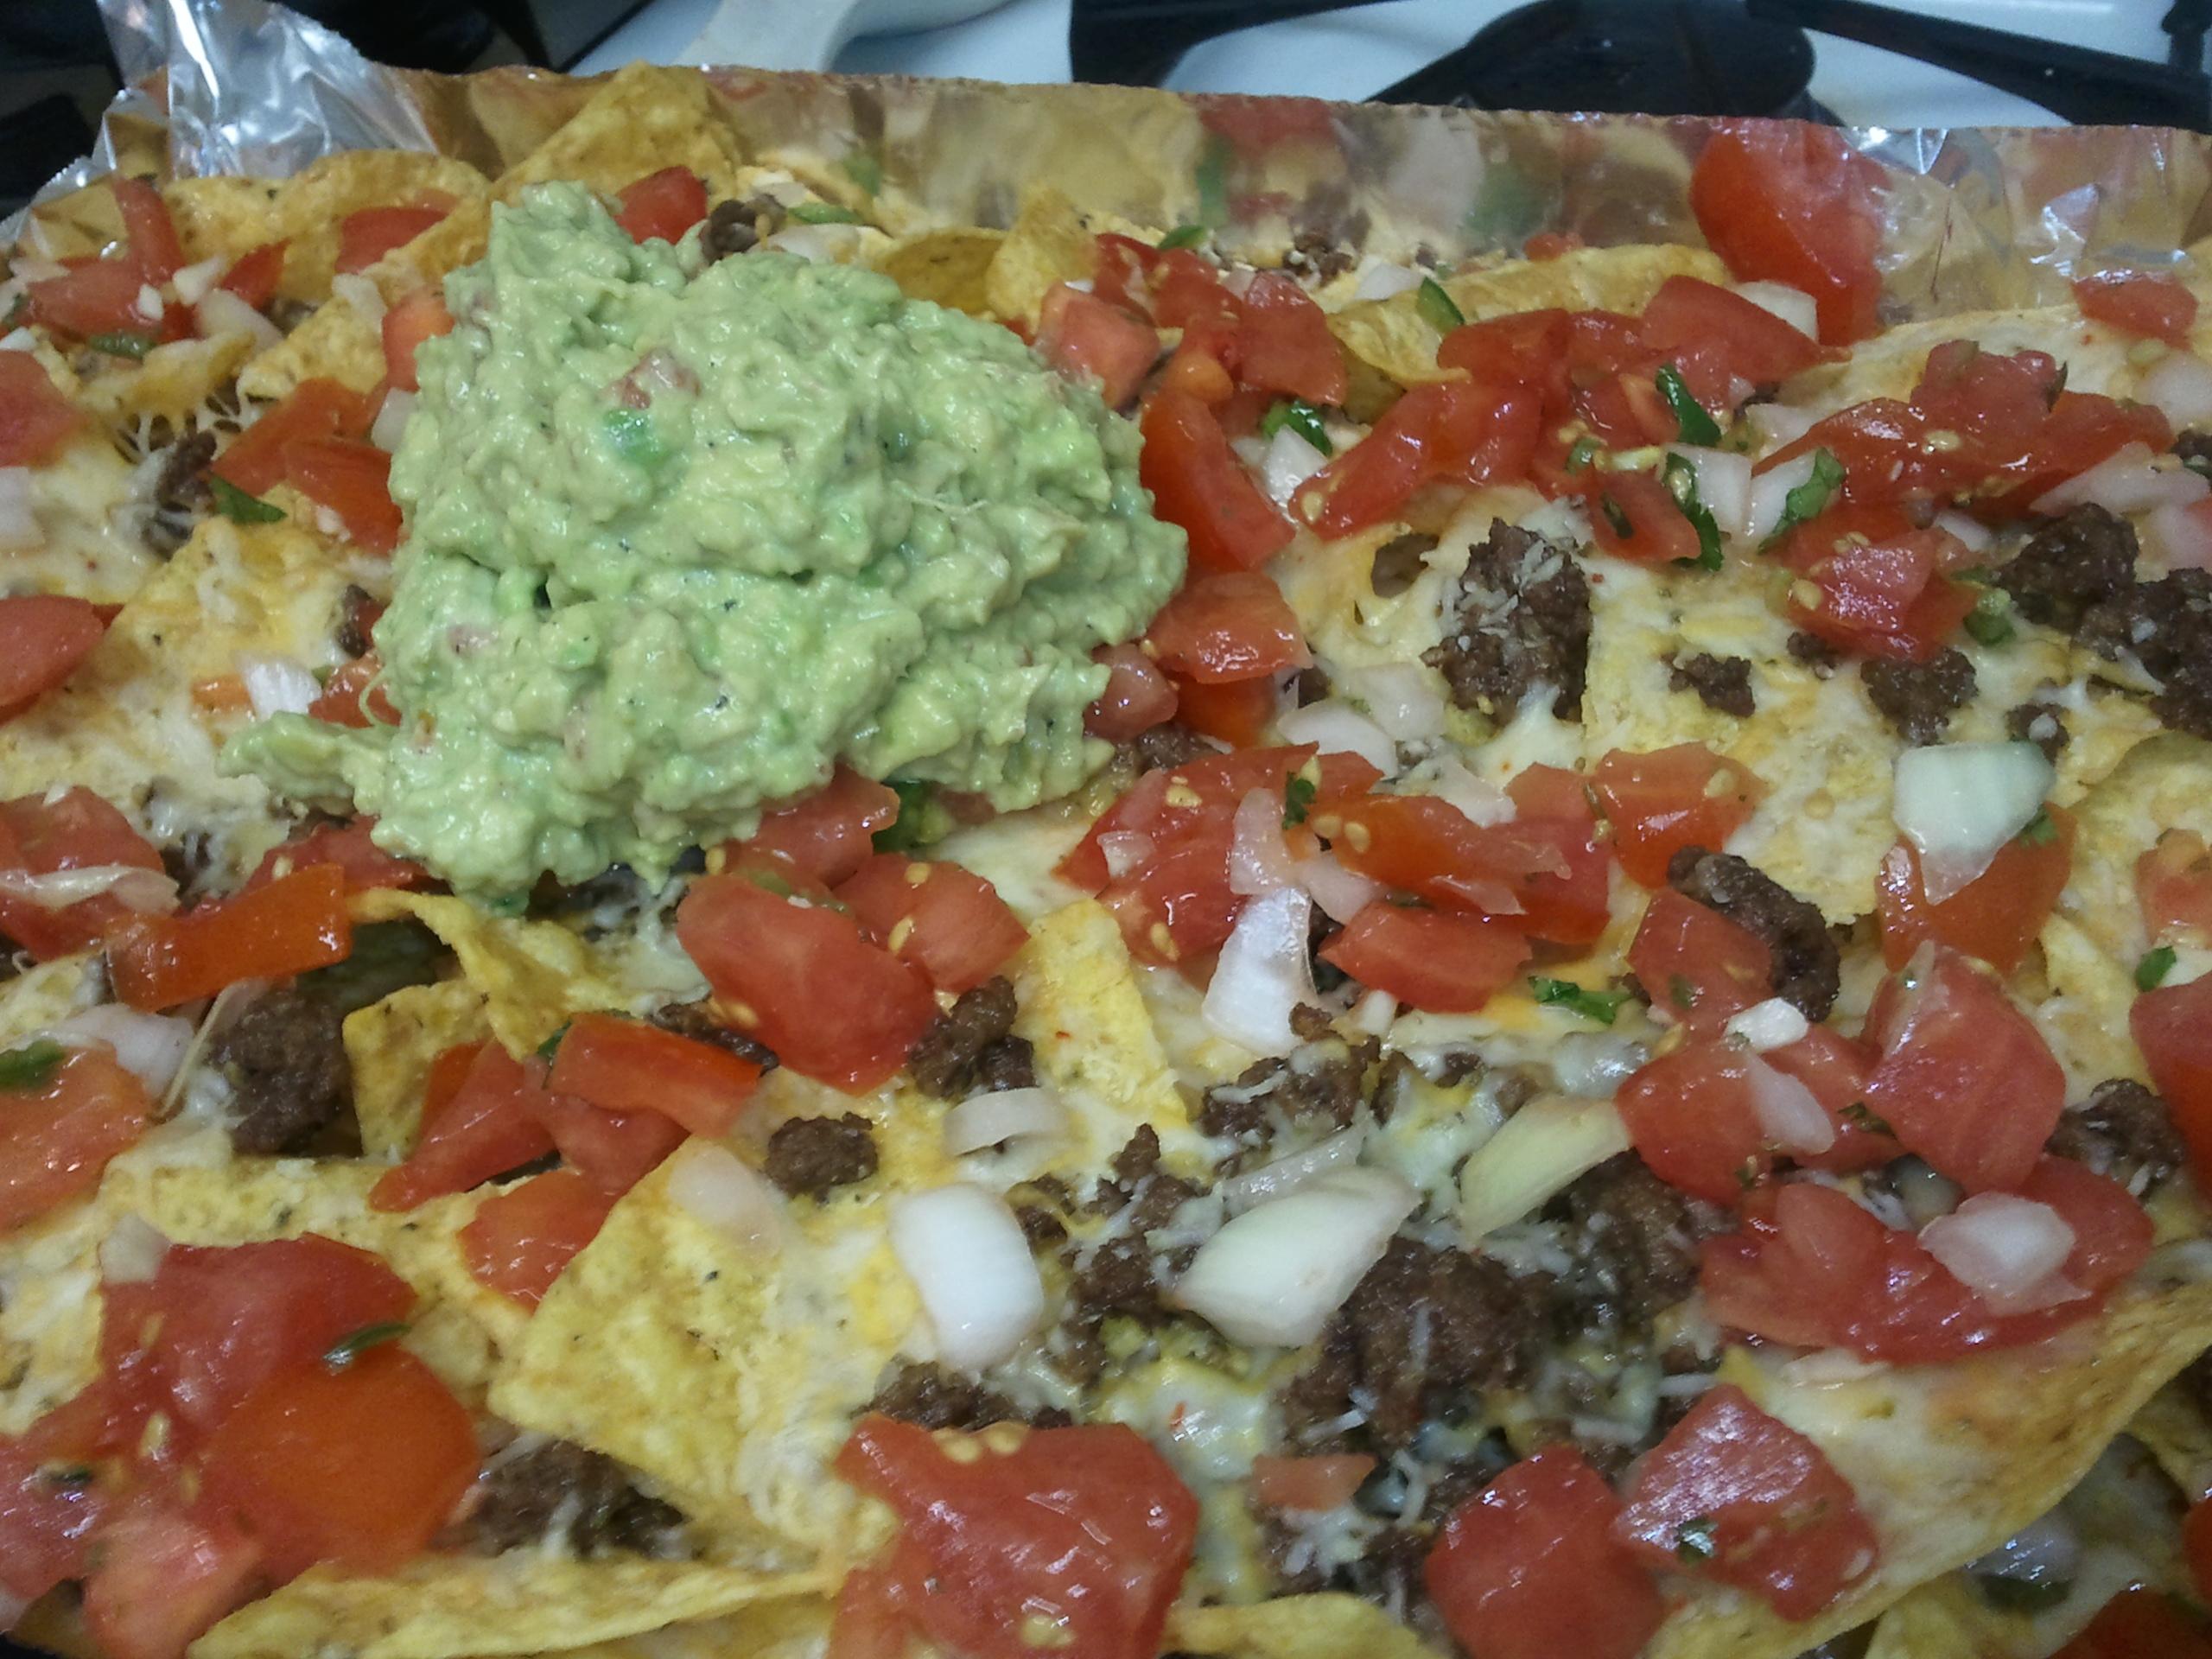 Kickass nachos